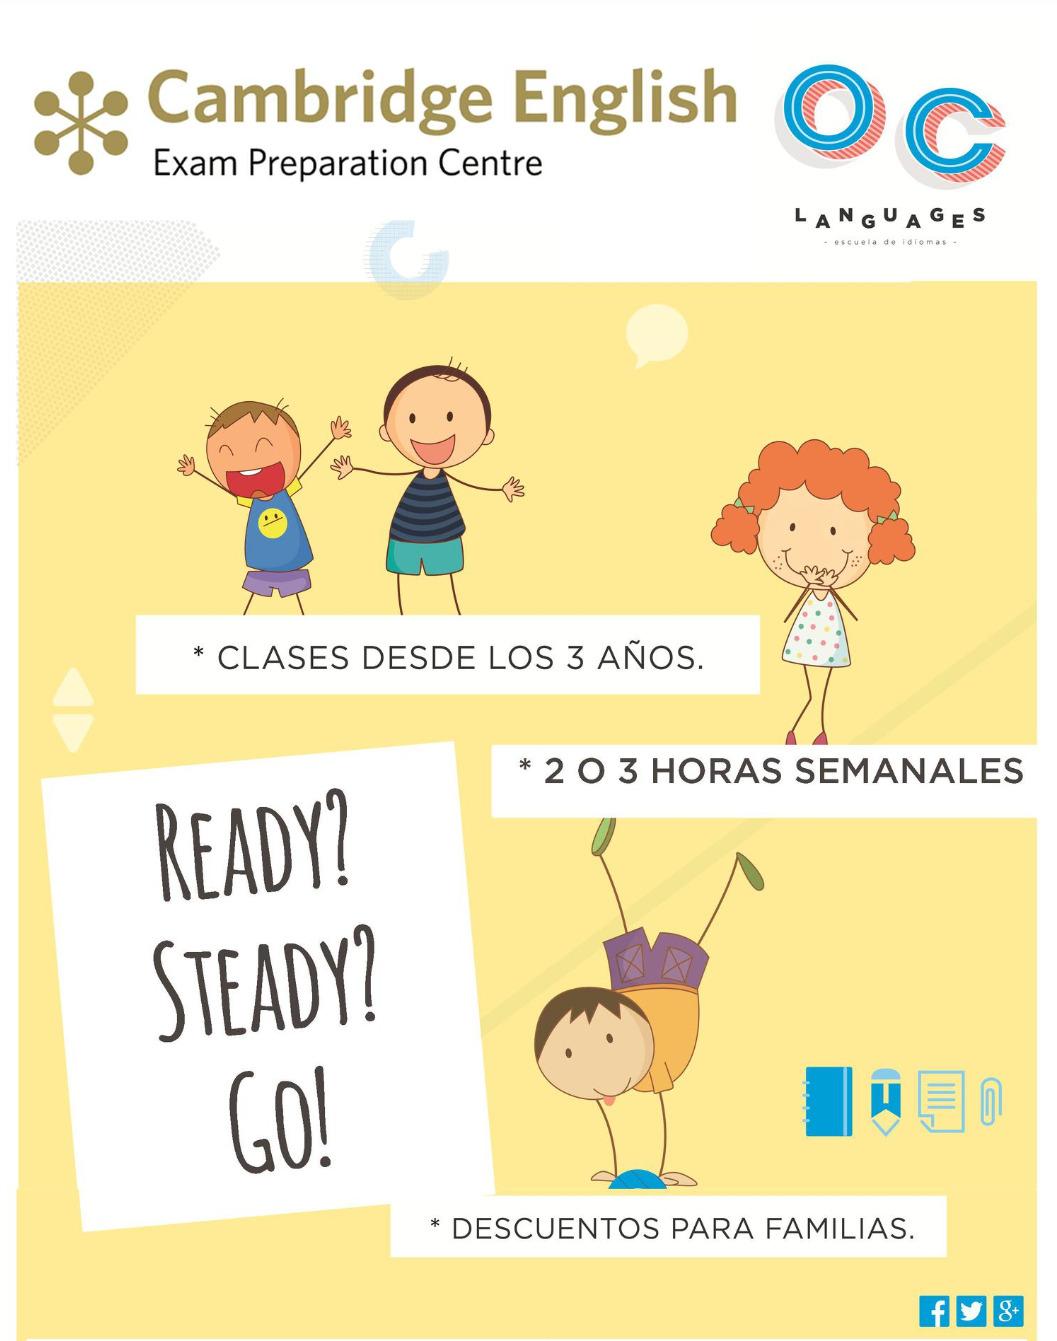 Inglés para niños desde los 3 años.